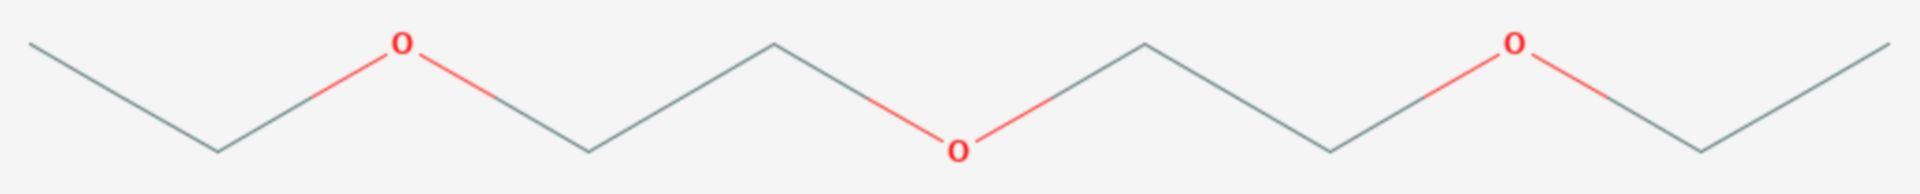 Diethylenglycoldiethylether (Strukturformel)